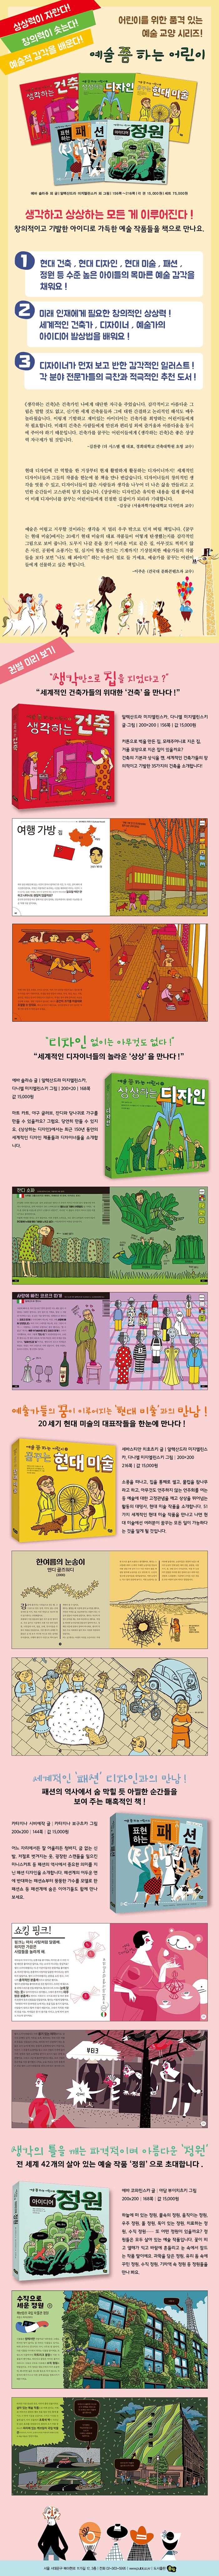 예술 쫌 하는 어린이 5권 상품기술서(재수정).jpg